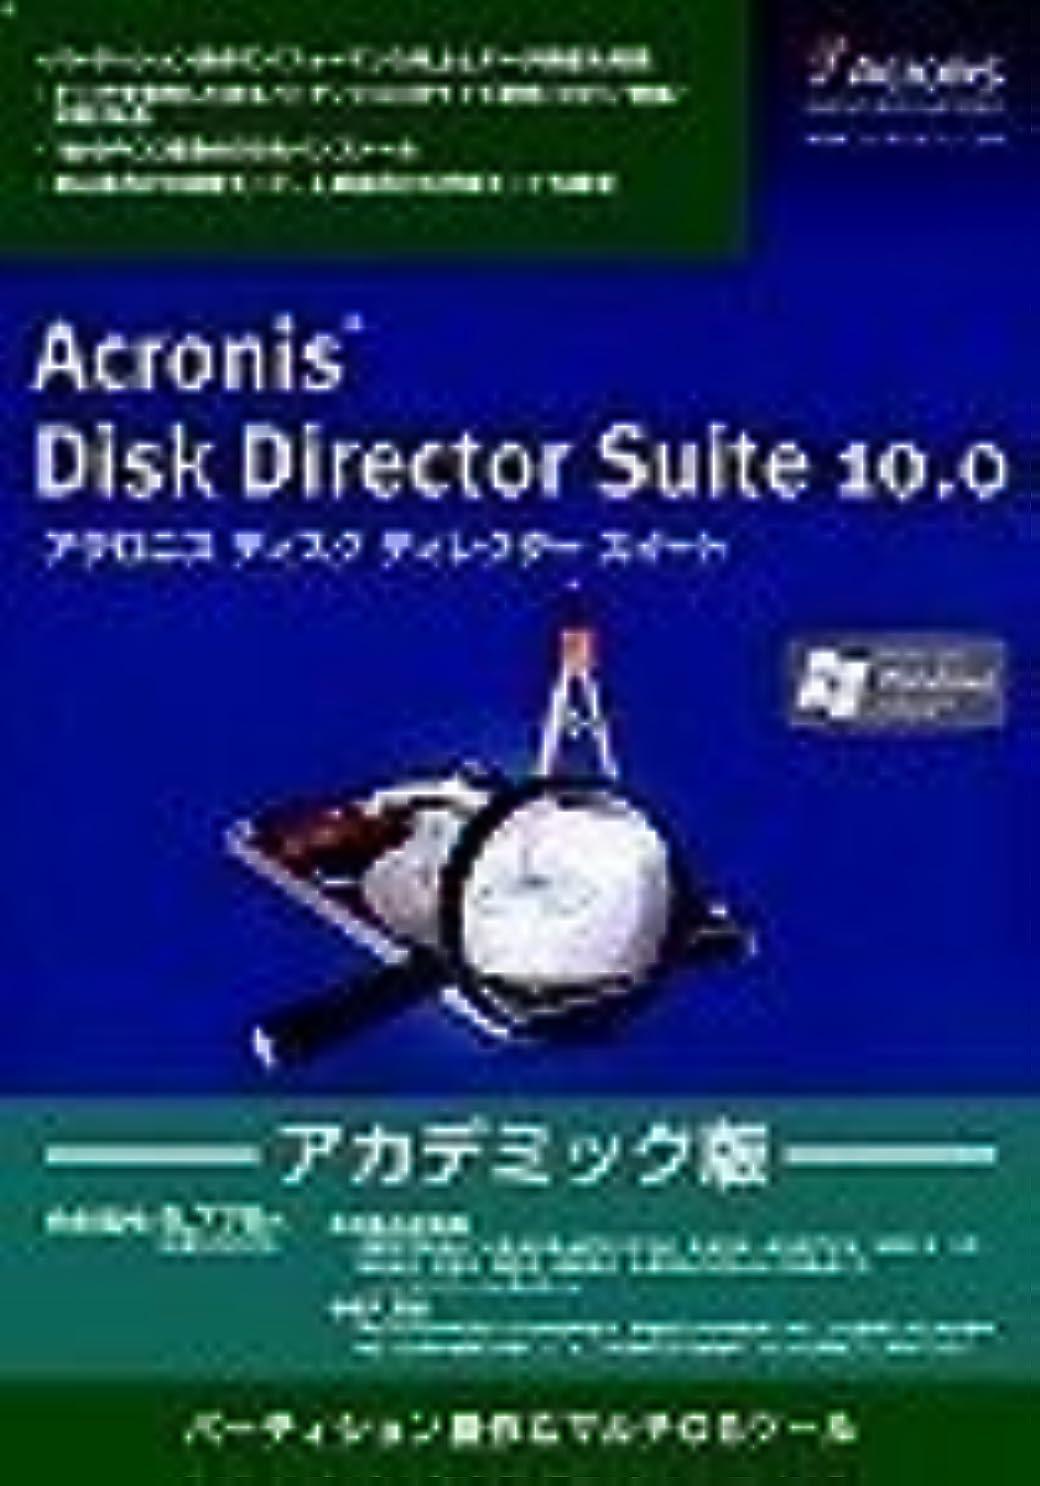 カストディアンぴったり幸運なことにAcronis Disk Director Suite 10.0 アカデミック版 Vista対応版